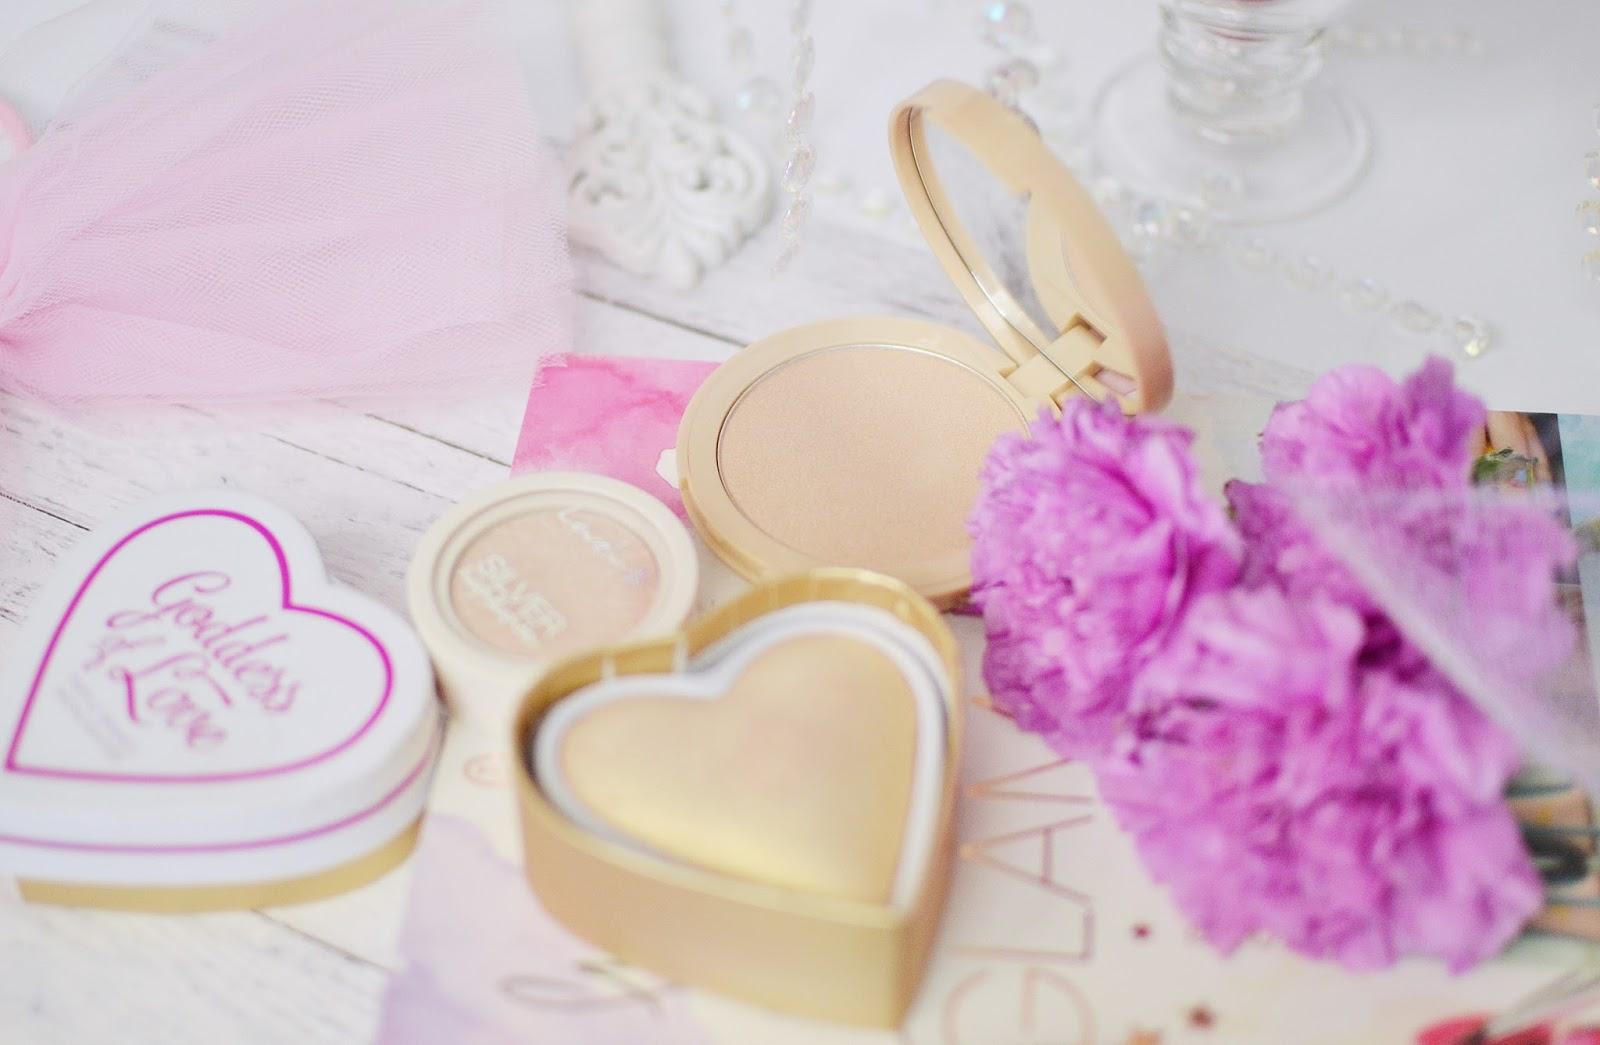 najlepsze rozświetlacze z drogerii drogeryjne kosmetyki